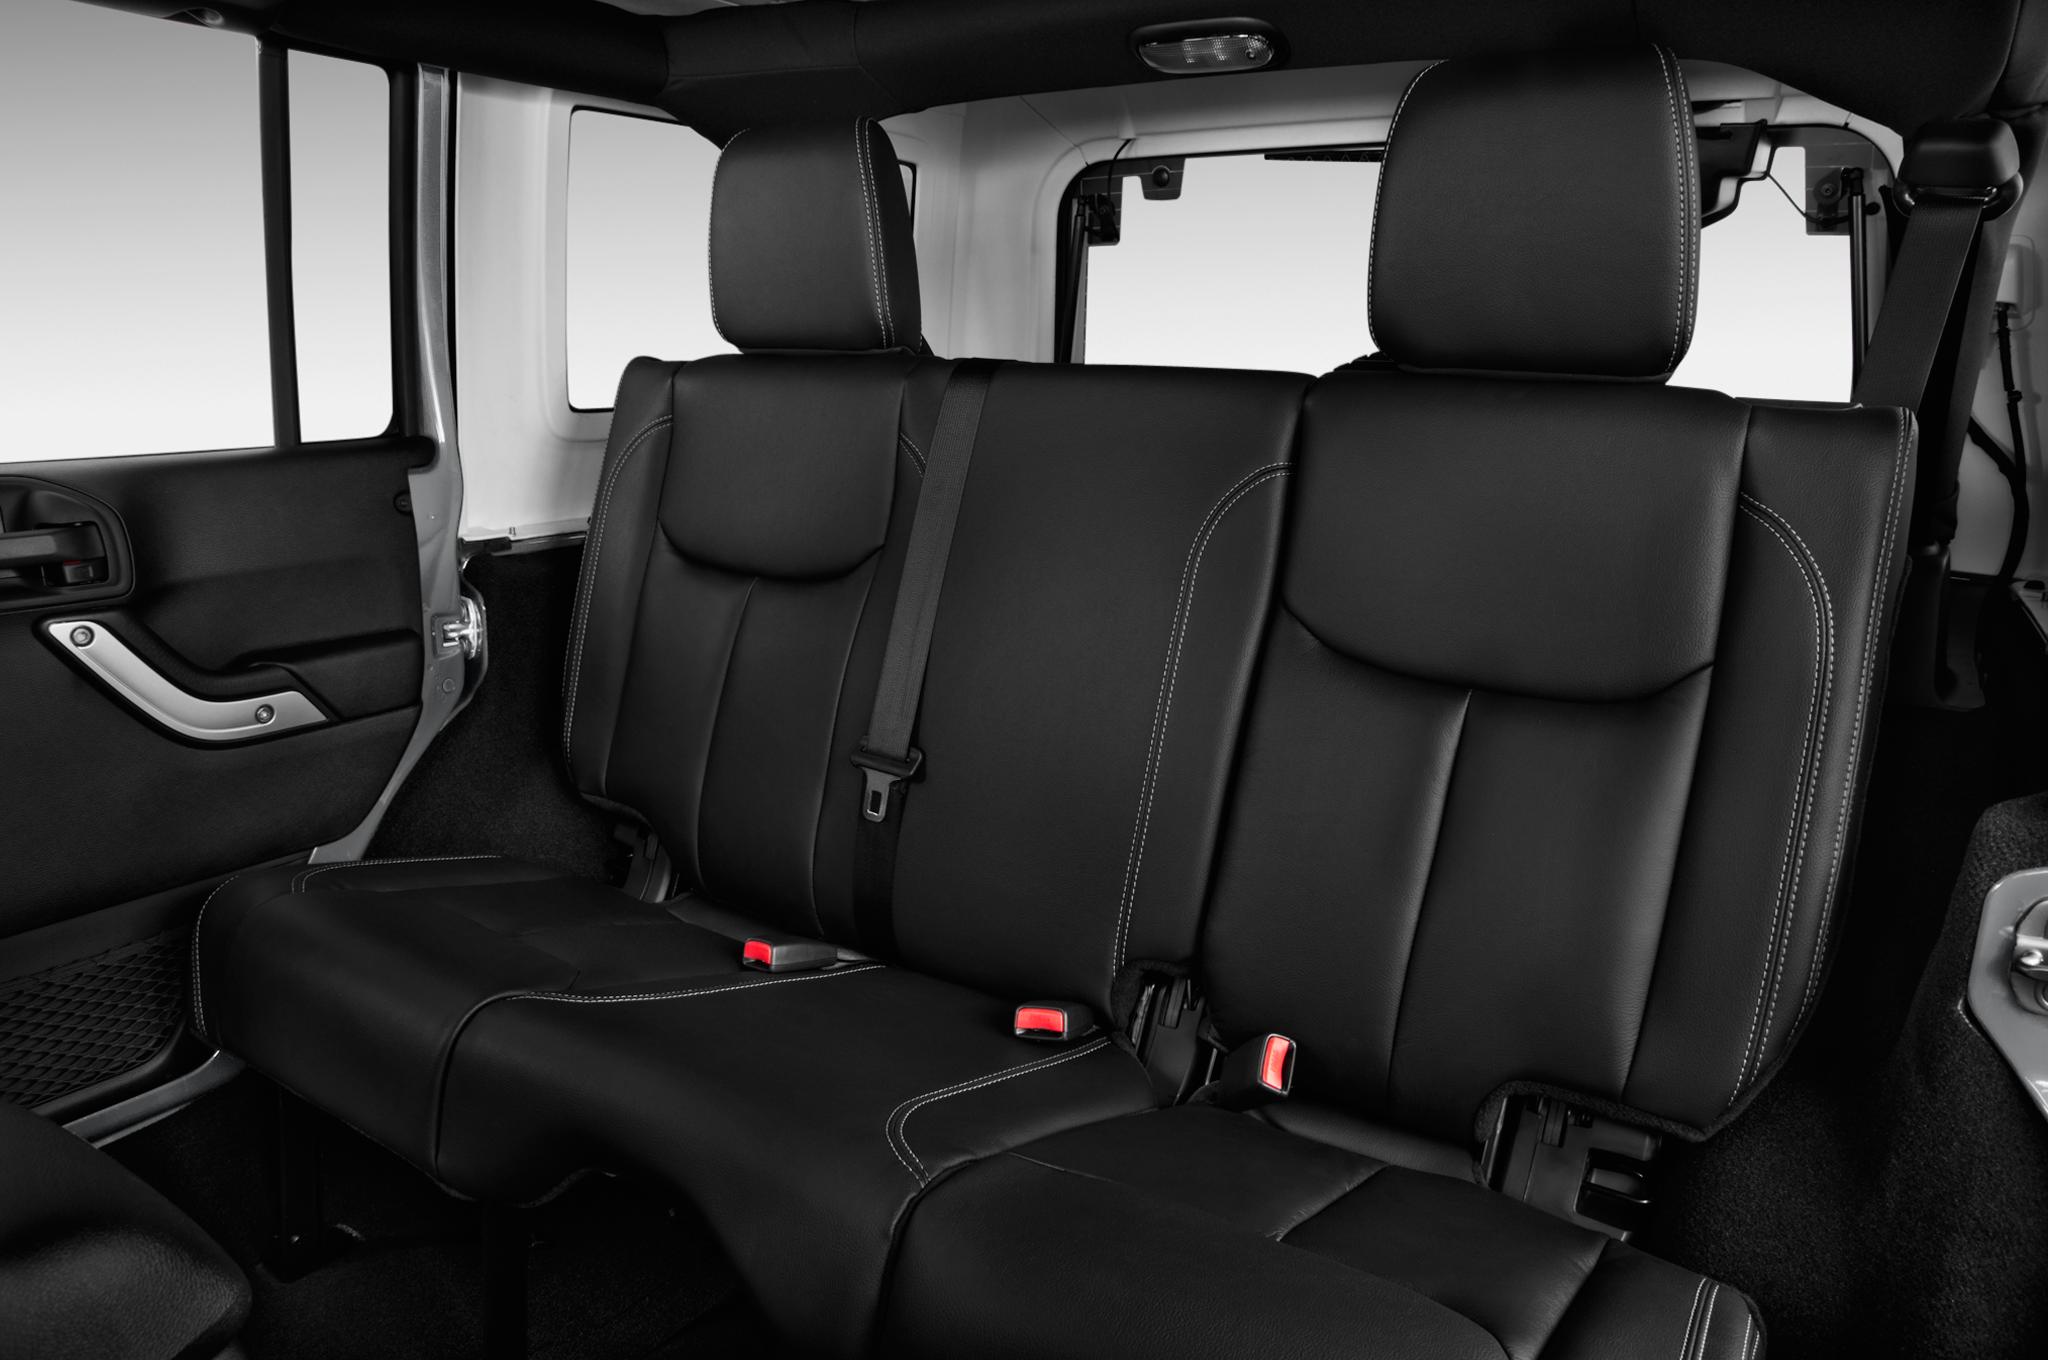 2015 Jeep Wrangler Interior Big Resolution 7530 Auto Car Copadeora Jeep Wrangler Interior Jeep 2015 Jeep Wrangler Interior